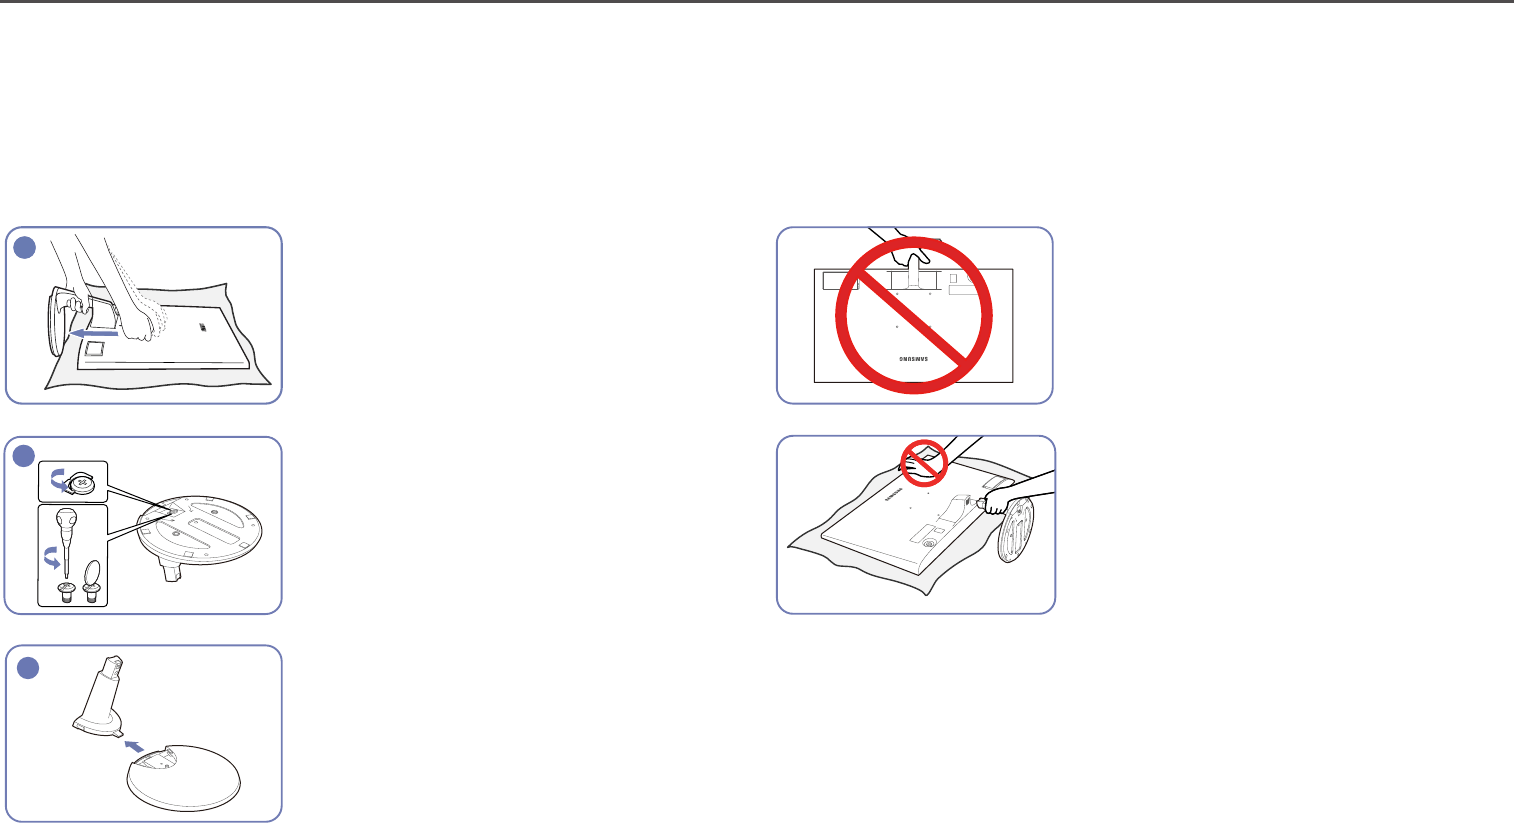 Samsung BN46 00552E Eng